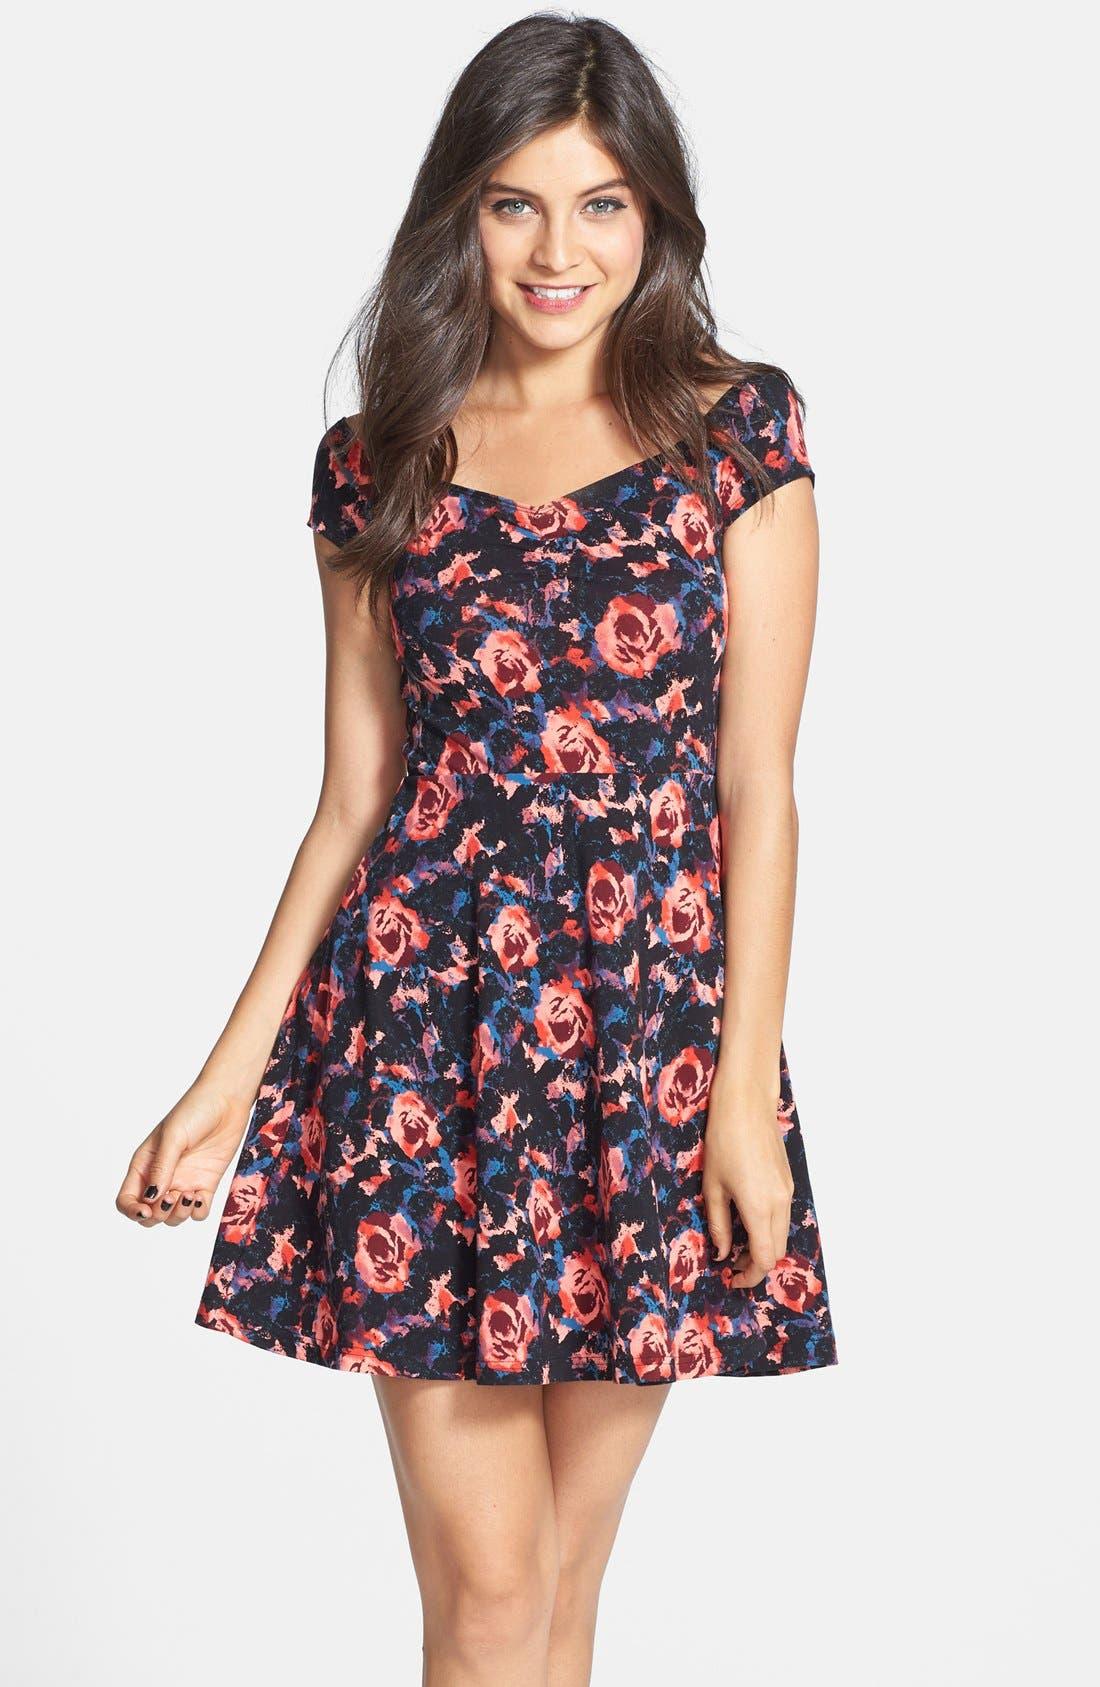 Alternate Image 1 Selected - Frenchi® Floral Print Off-Shoulder Fit & Flare Dress (Juniors)